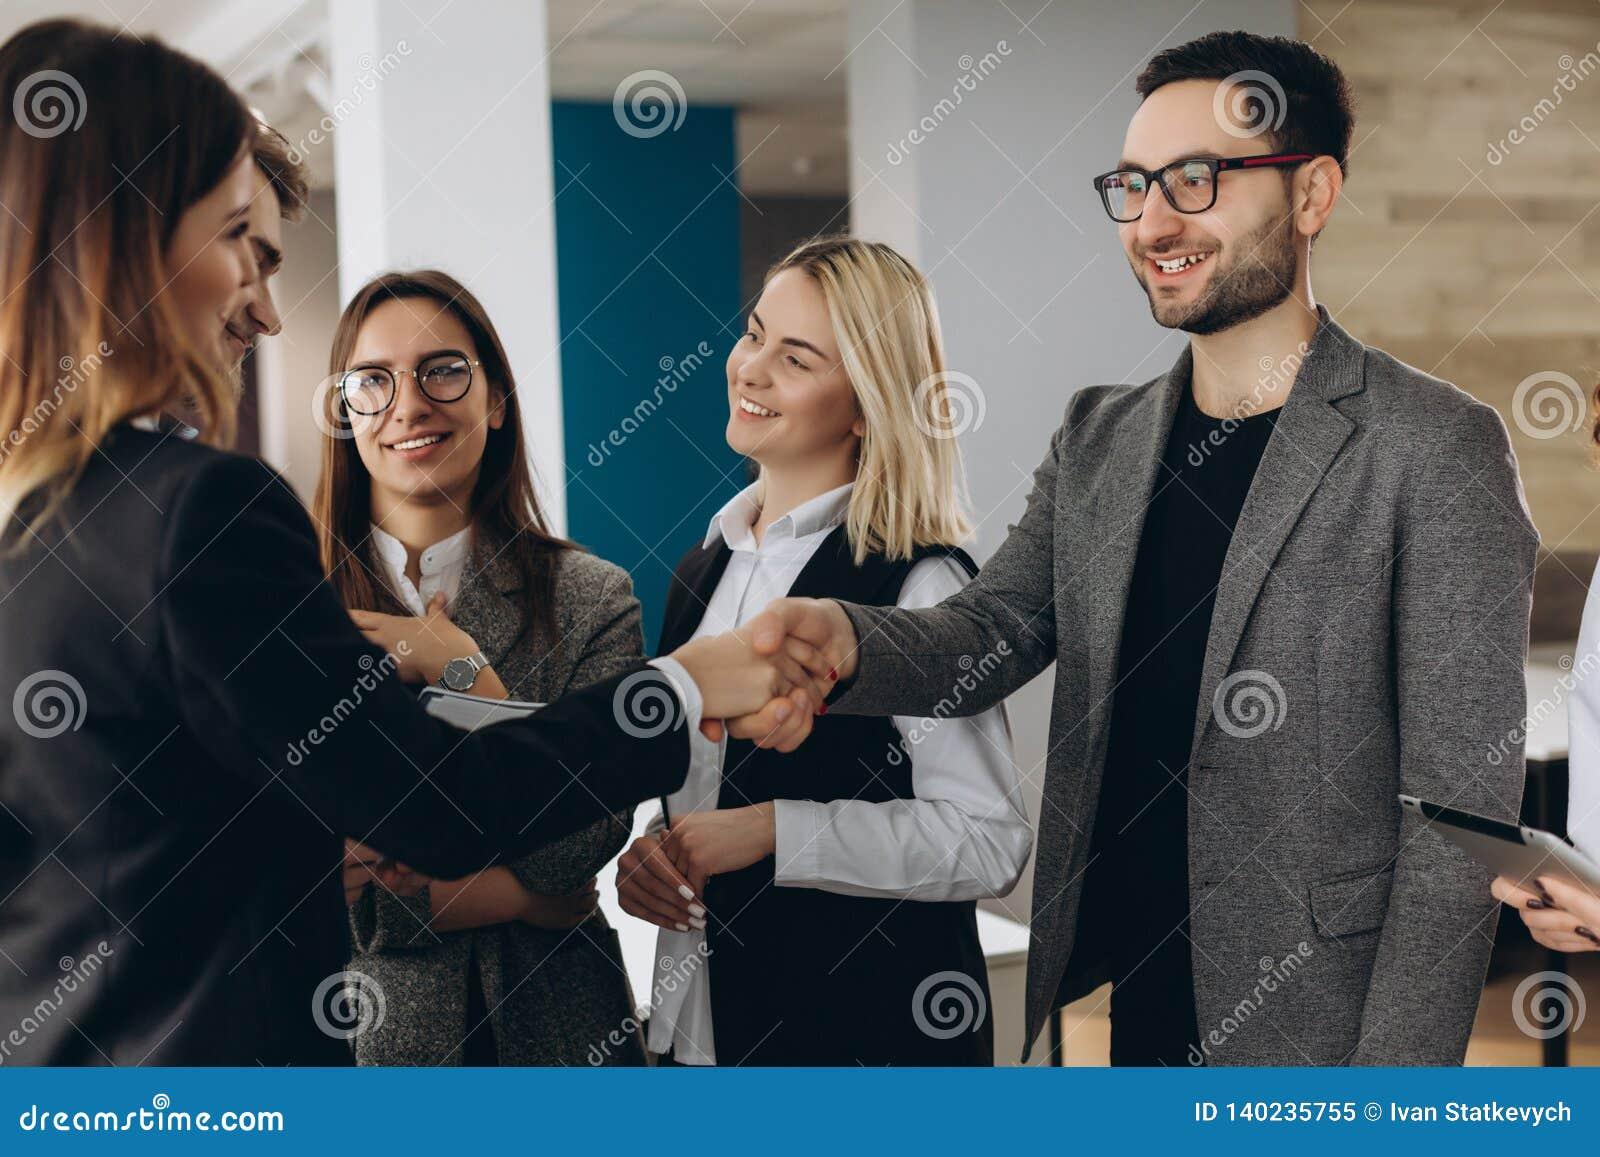 Willkommen zu unserem Team! Draufsicht von jungen modernen Männern in der intelligenten Freizeitkleidung, die Hände beim Arbeiten